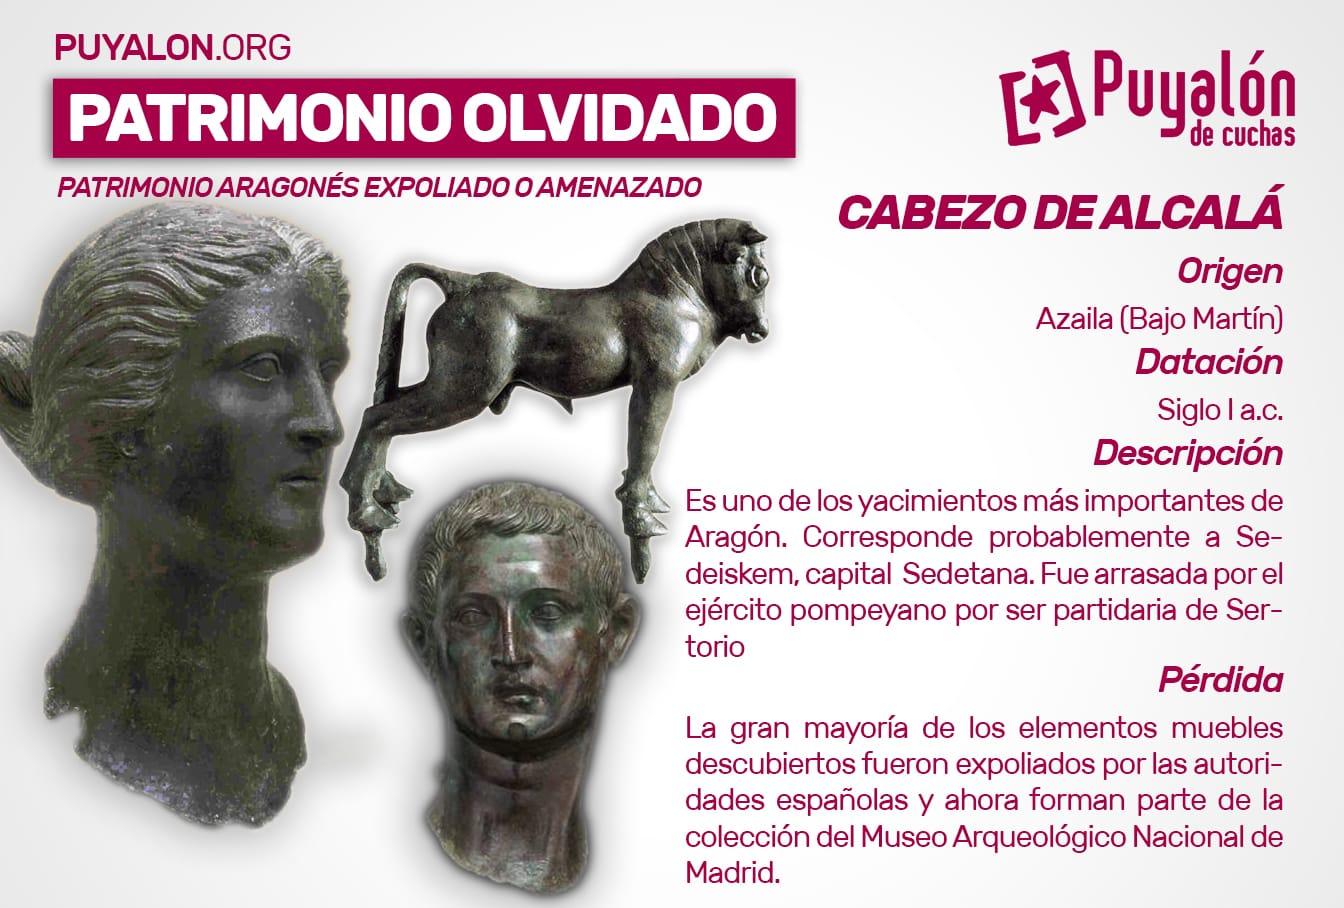 Cabezo de Alcalá Azaila